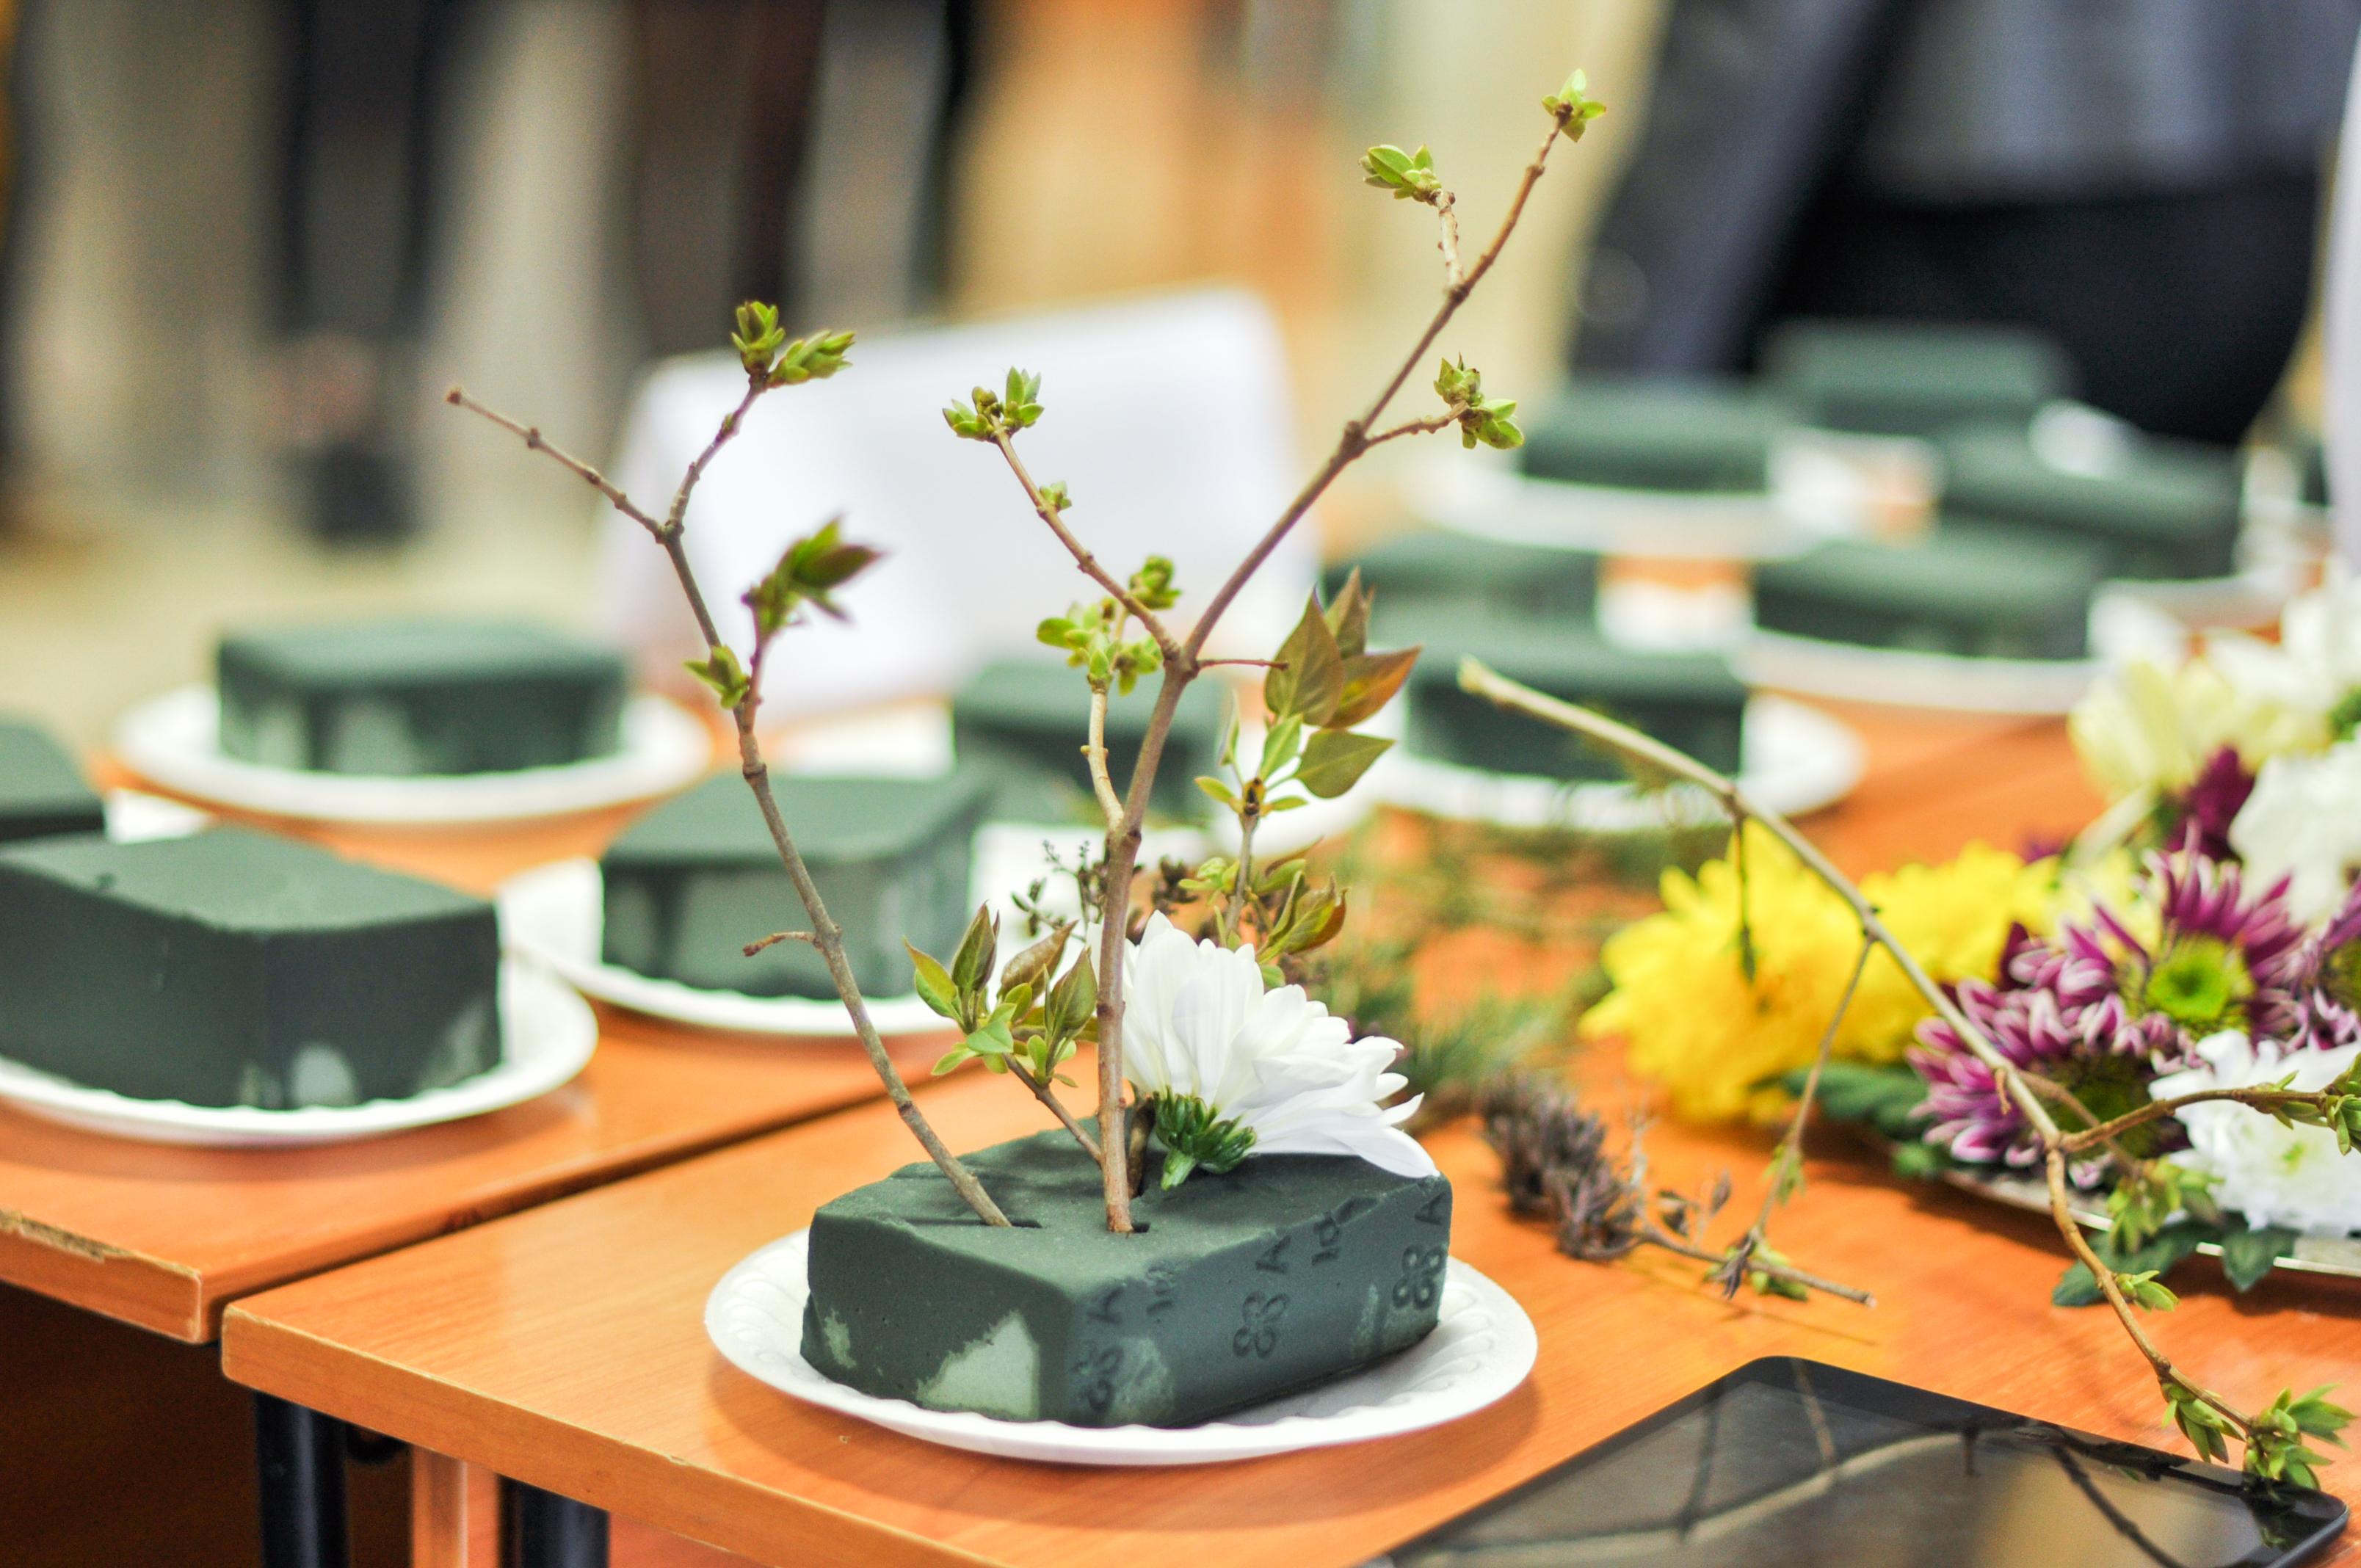 Икебана - необходимые материалы и инструменты для создания красивой икебаны (110 фото)